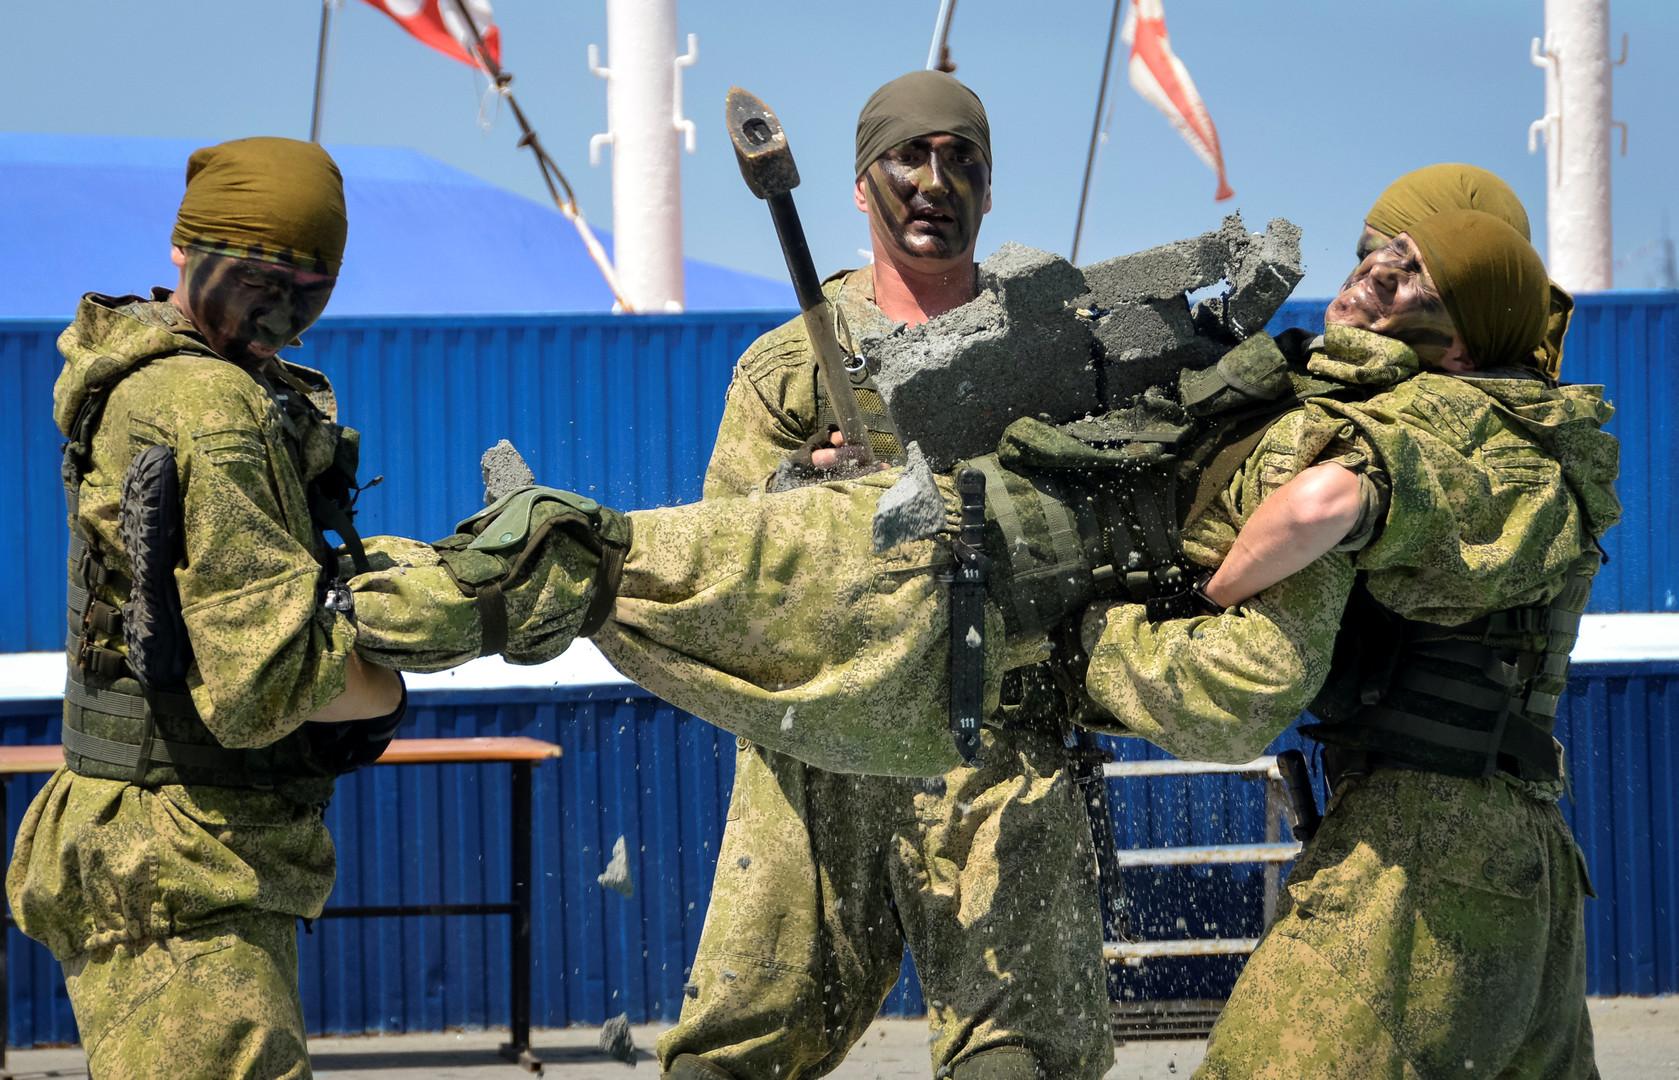 Десантники отрабатывают эвакуацию пострадавшего в рамках репетиции парада ко Дню ВМФ во Владивостоке.